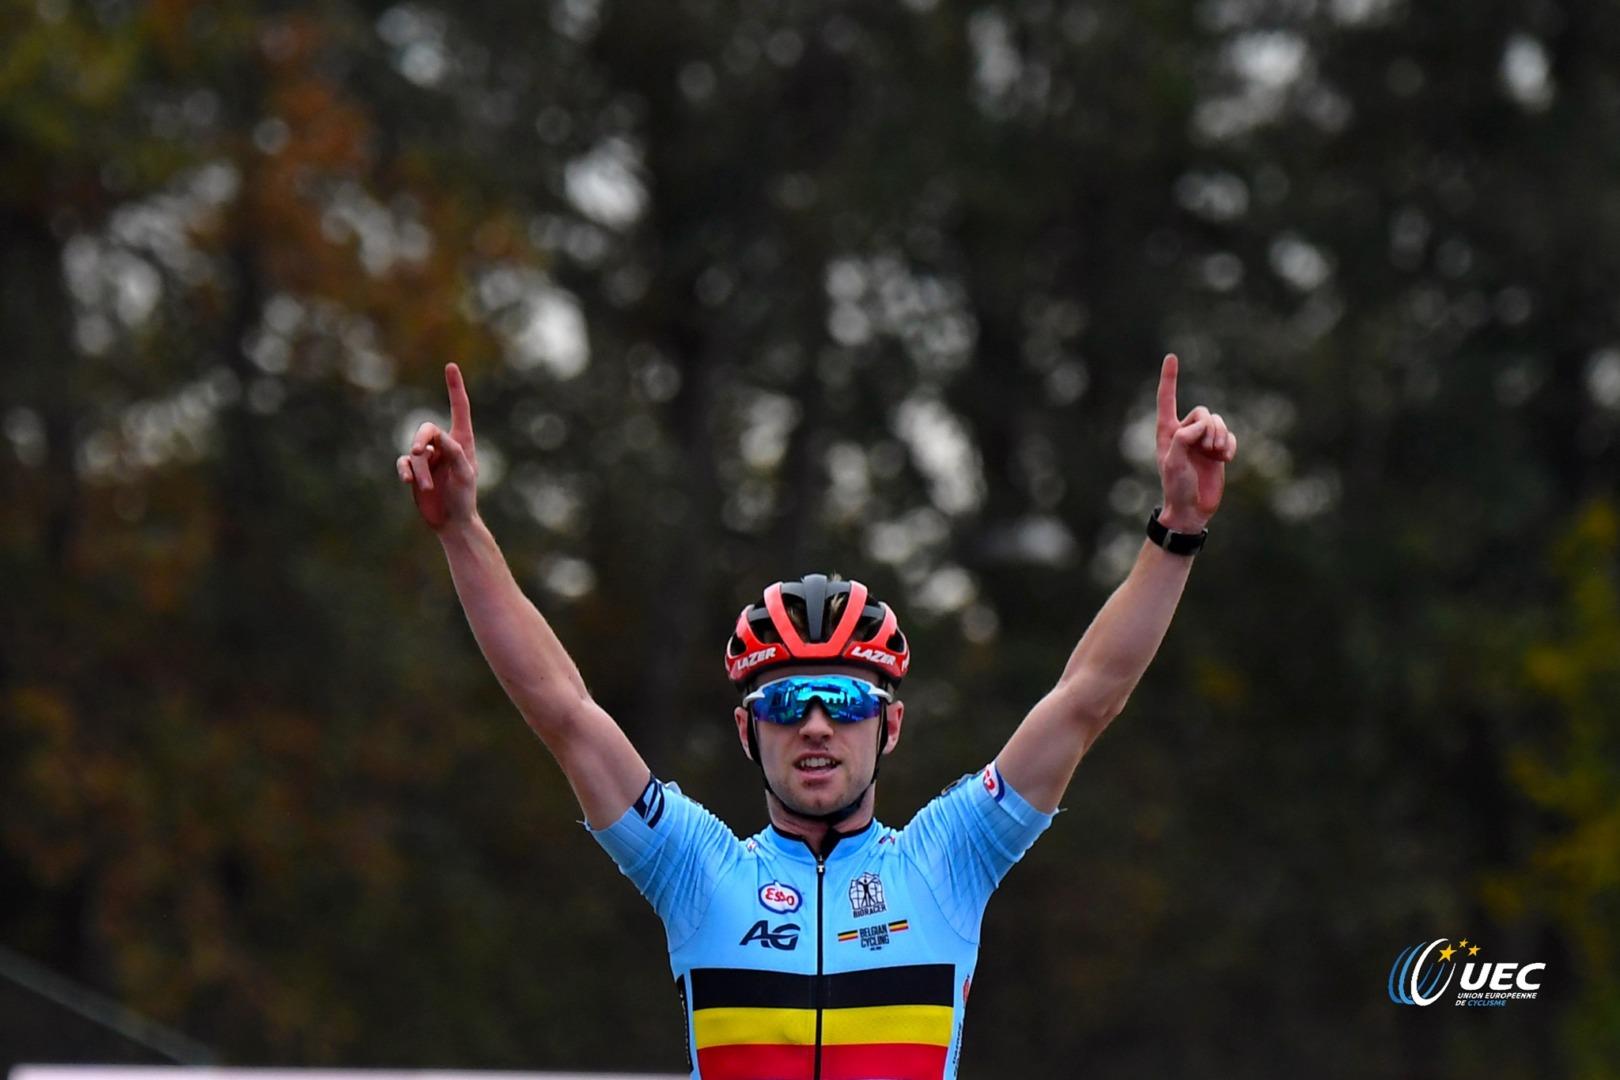 Eli Iserbyt z tytułem Mistrza Europy w kolarstwie przełajowym